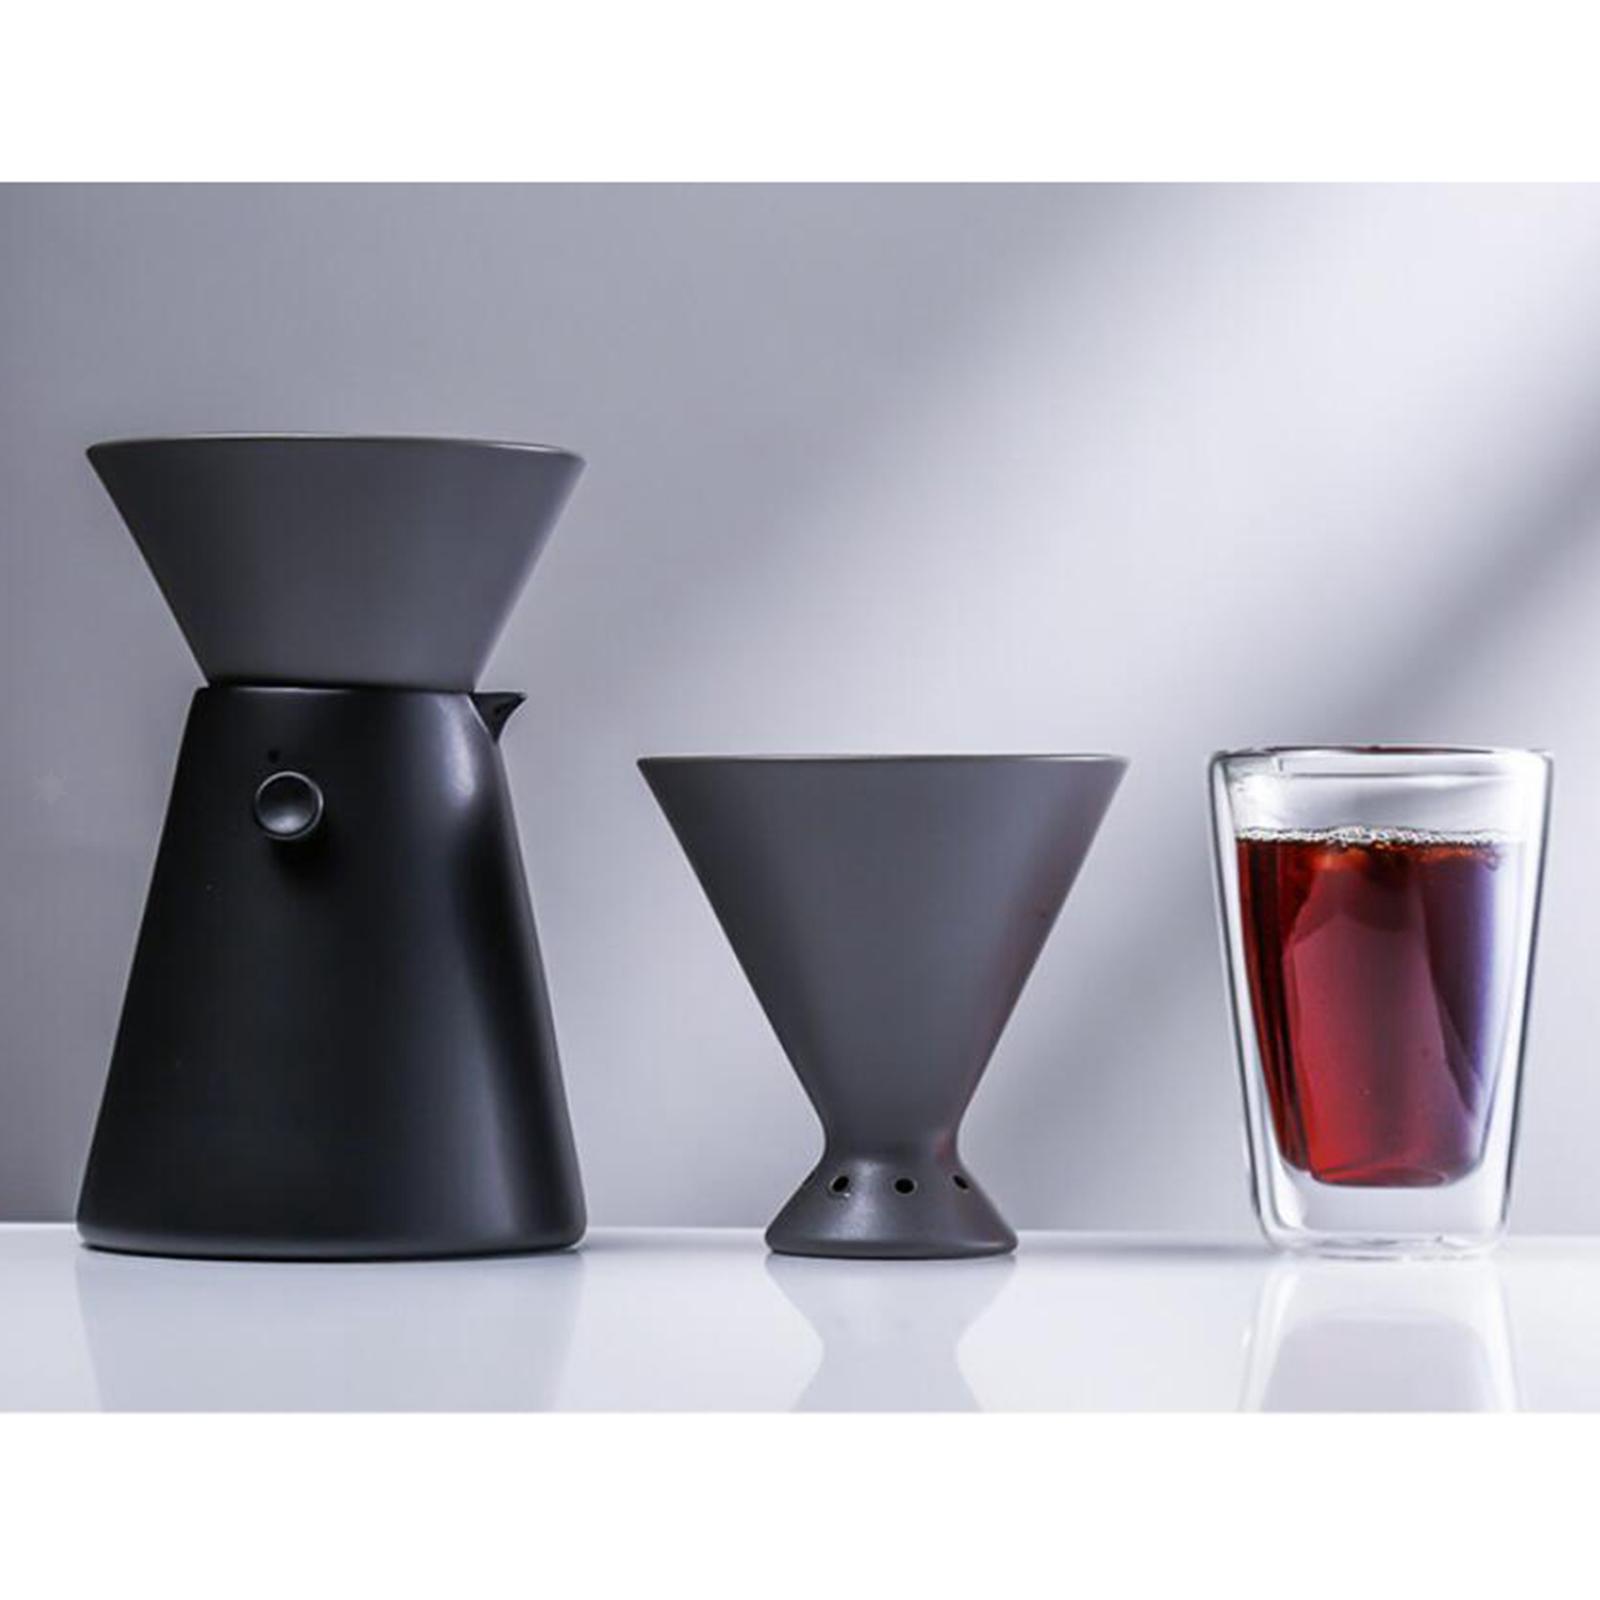 miniature 17 - Part-des-menages-Goutte-A-Goutte-Cafe-Verser-Sur-Cafe-Fabricant-Anti-goutte